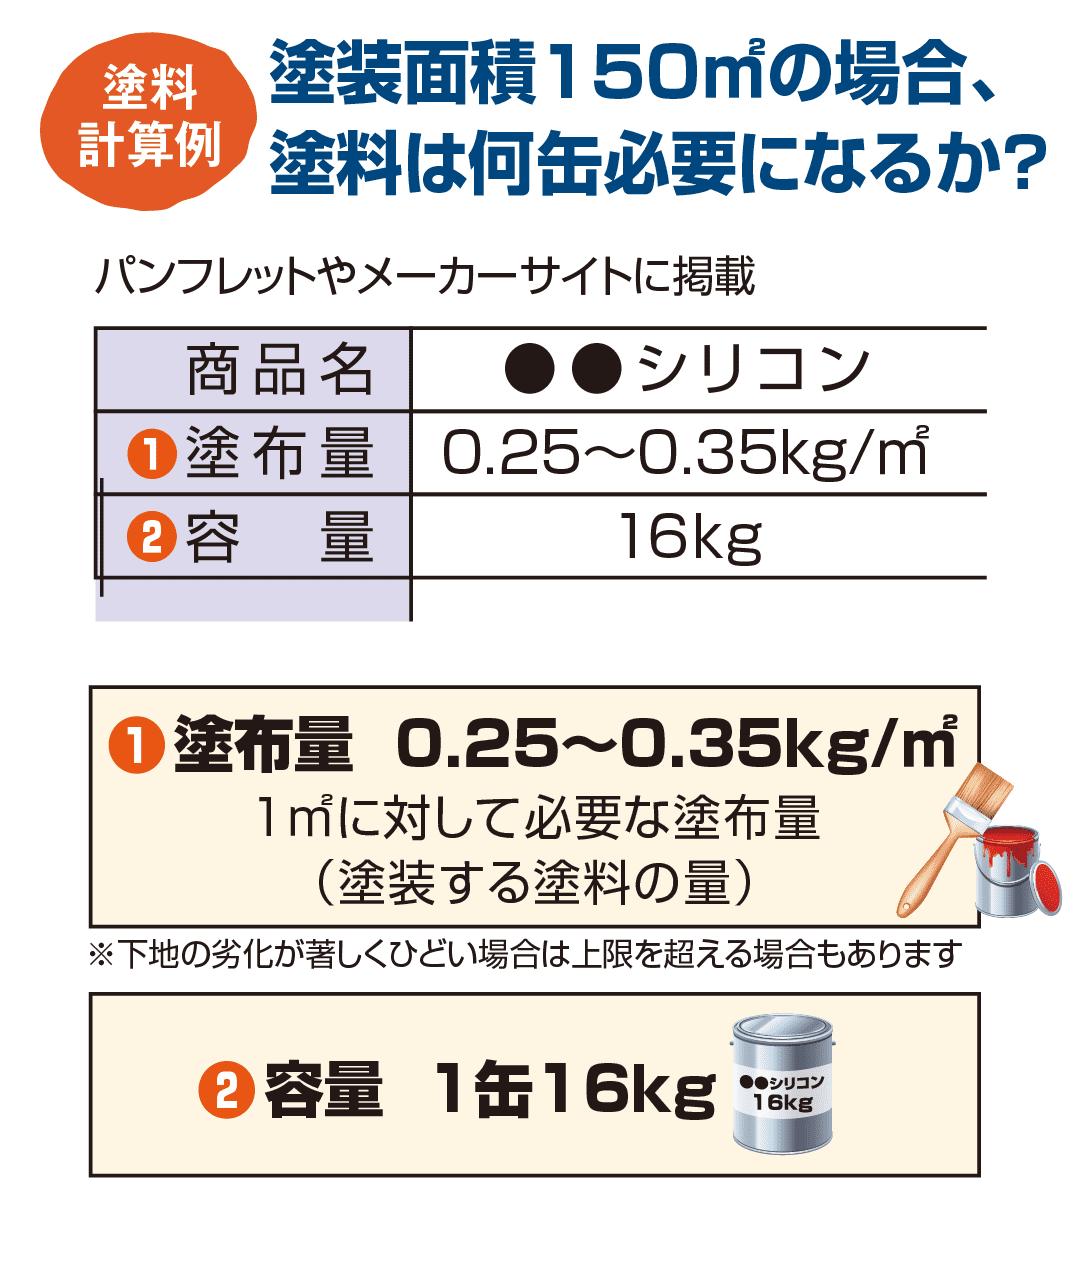 塗装面積150㎡の場合、  塗料は何缶必要になるか?